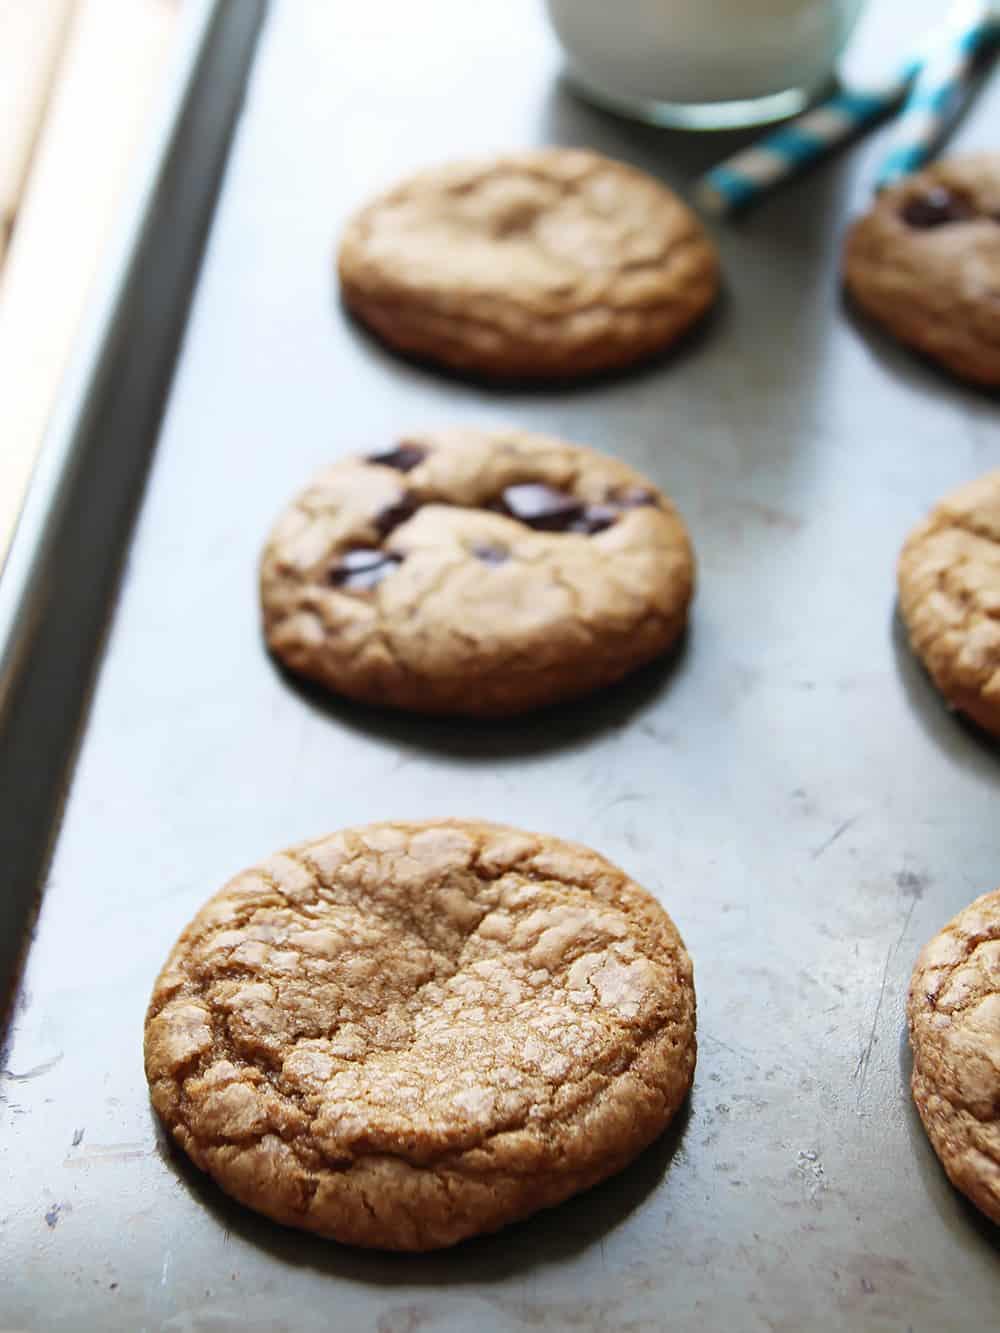 Baked Coconut Sugar Cookies